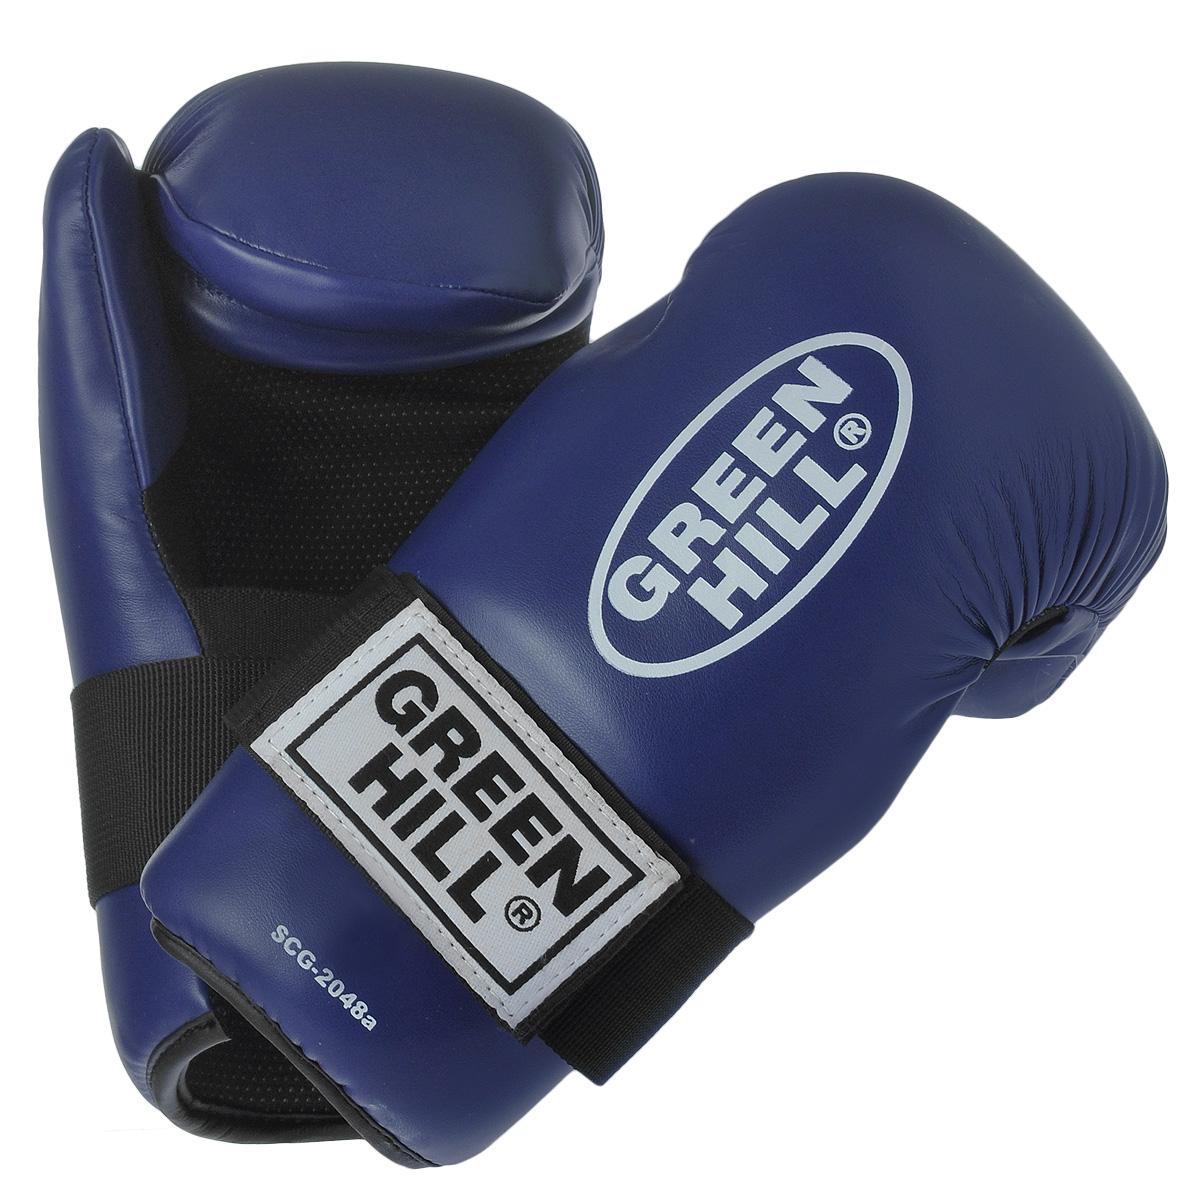 Перчатки для контактных единоборств Green Hill 7-contact, цвет: синий. Размер SSCG-2048cНакладки Green Hill 7-contact для контактных видов единоборств семиконтакт. Идеально подходят для обучения, спаррингов и соревнований. Перчатки выполнены из высококачественной. Широкий ремень, охватывая запястье, полностью оборачивается вокруг манжеты, благодаря чему создается дополнительная защита лучезапястного сустава от травм. Застежка на липучке способствует быстрому и удобному одеванию перчаток, плотно фиксирует перчатки на руке.